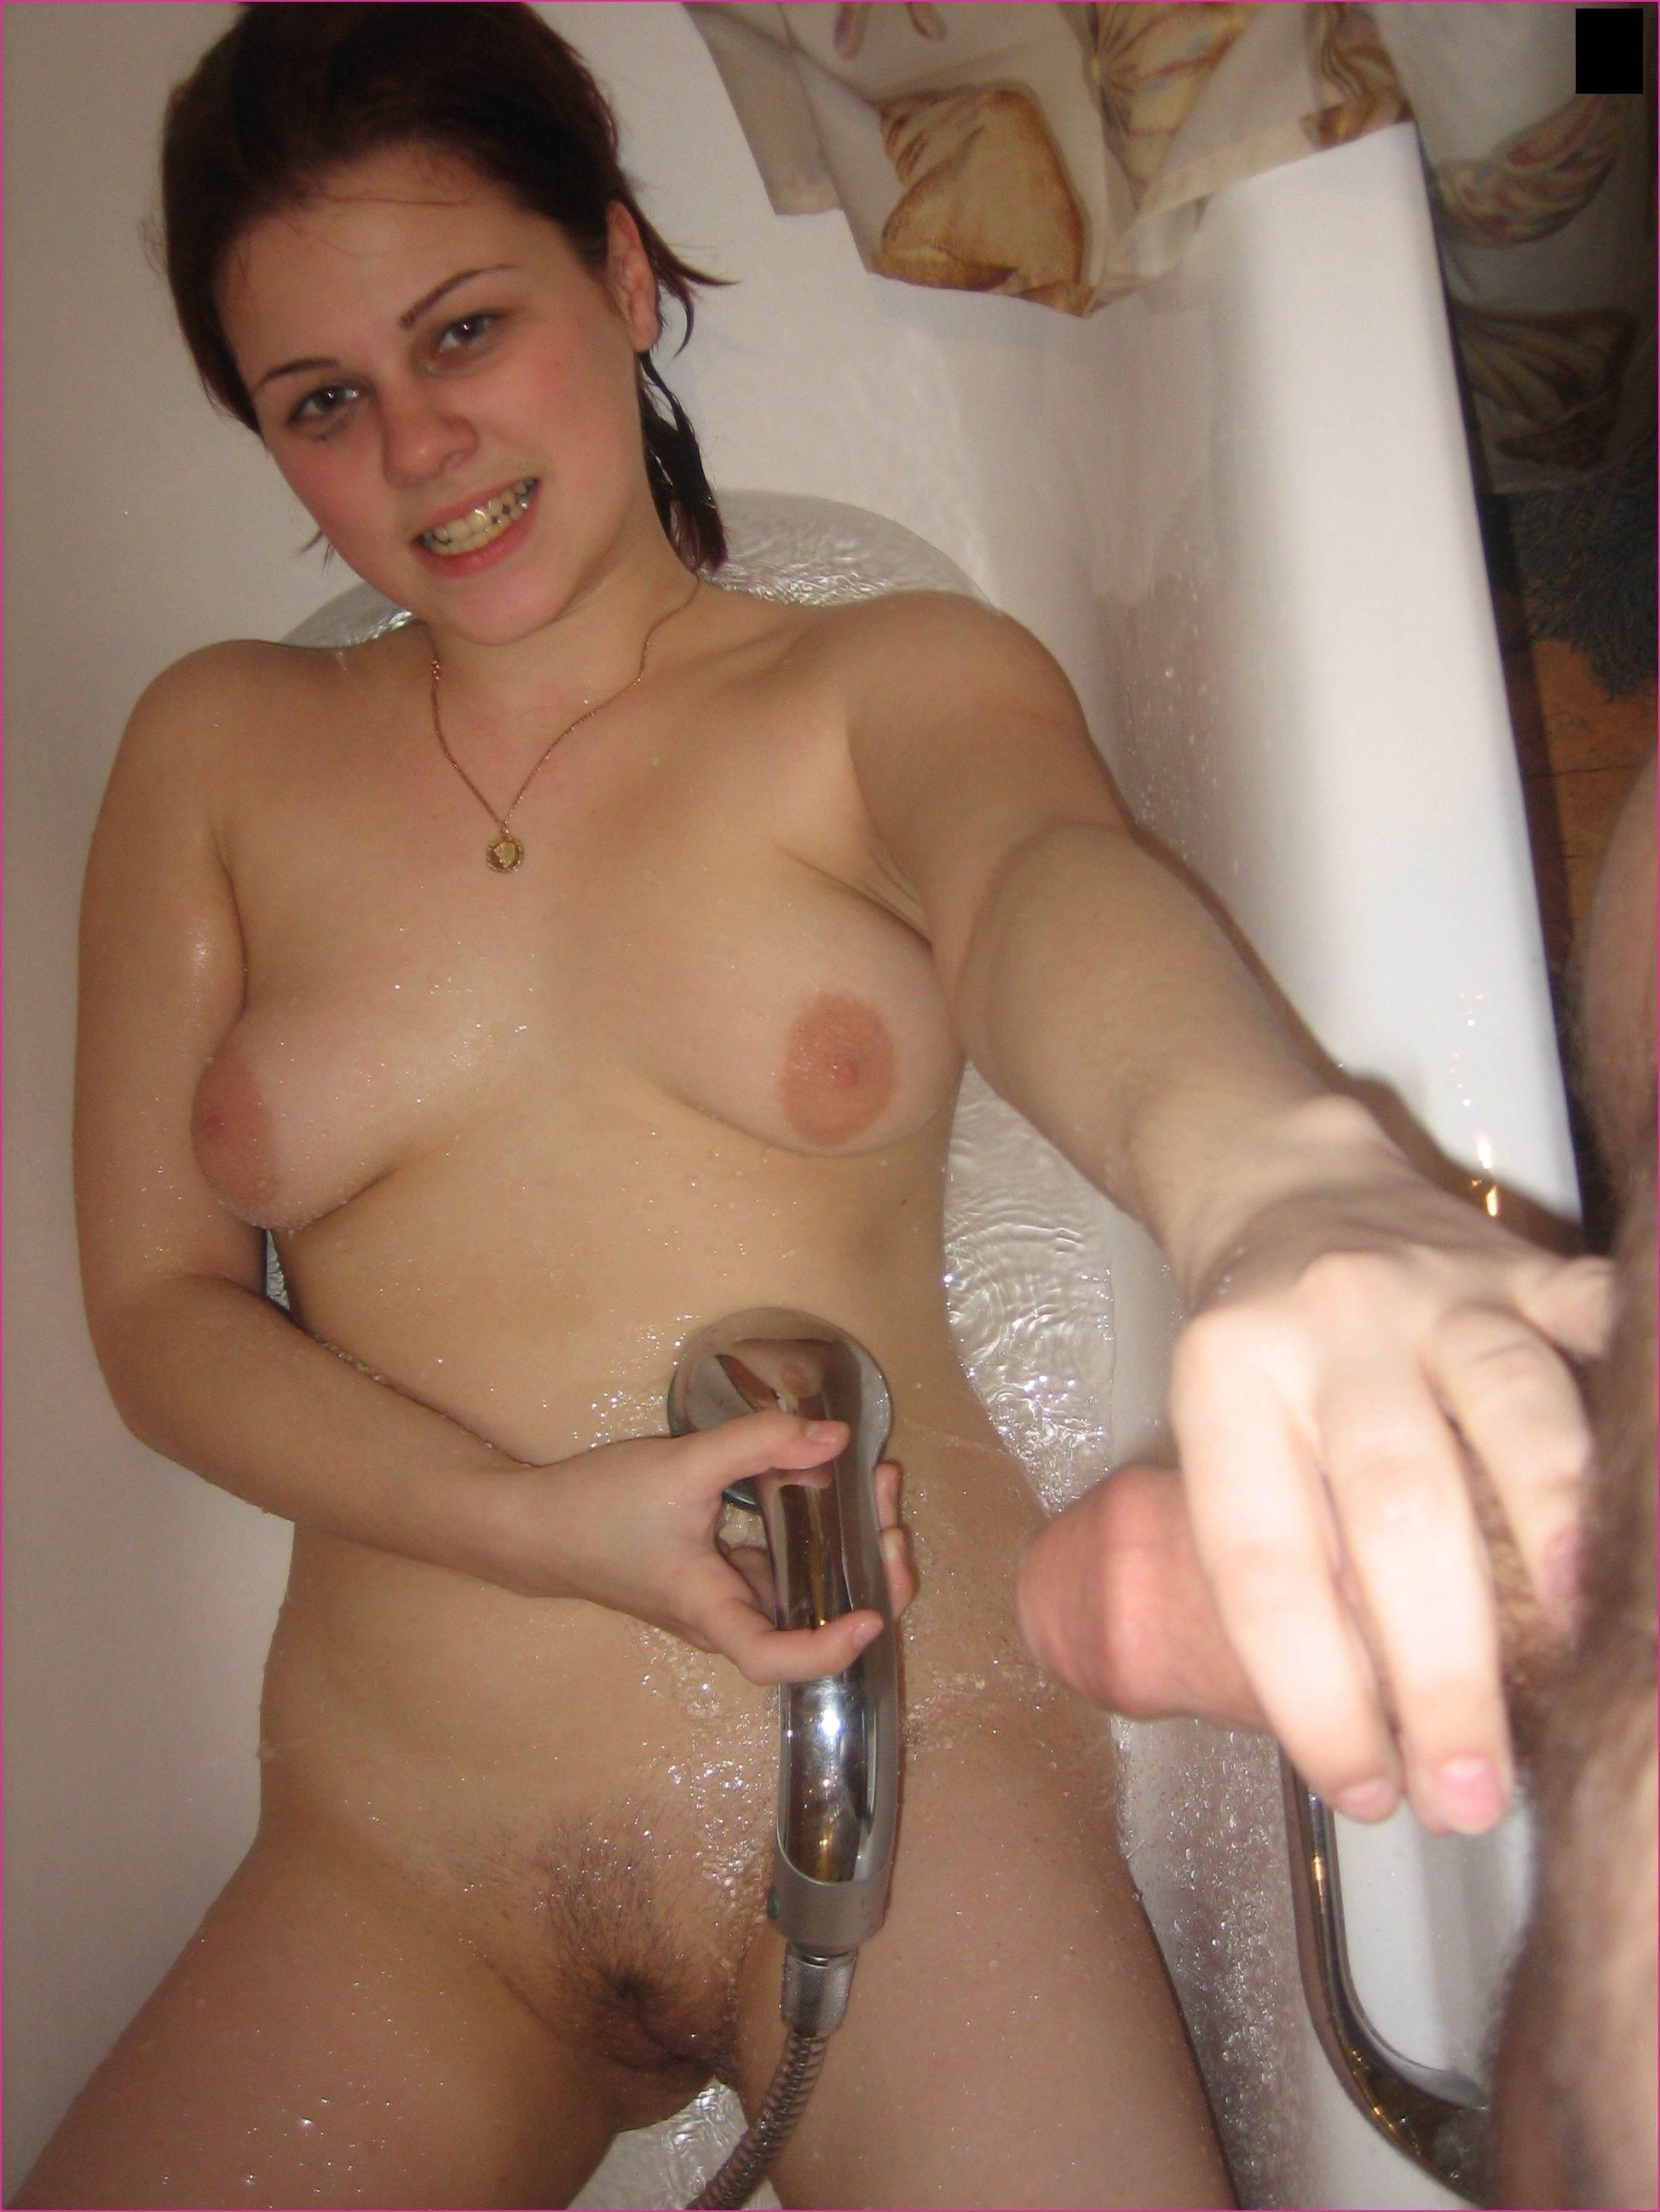 Жена с мужем в ванной частное интим фото